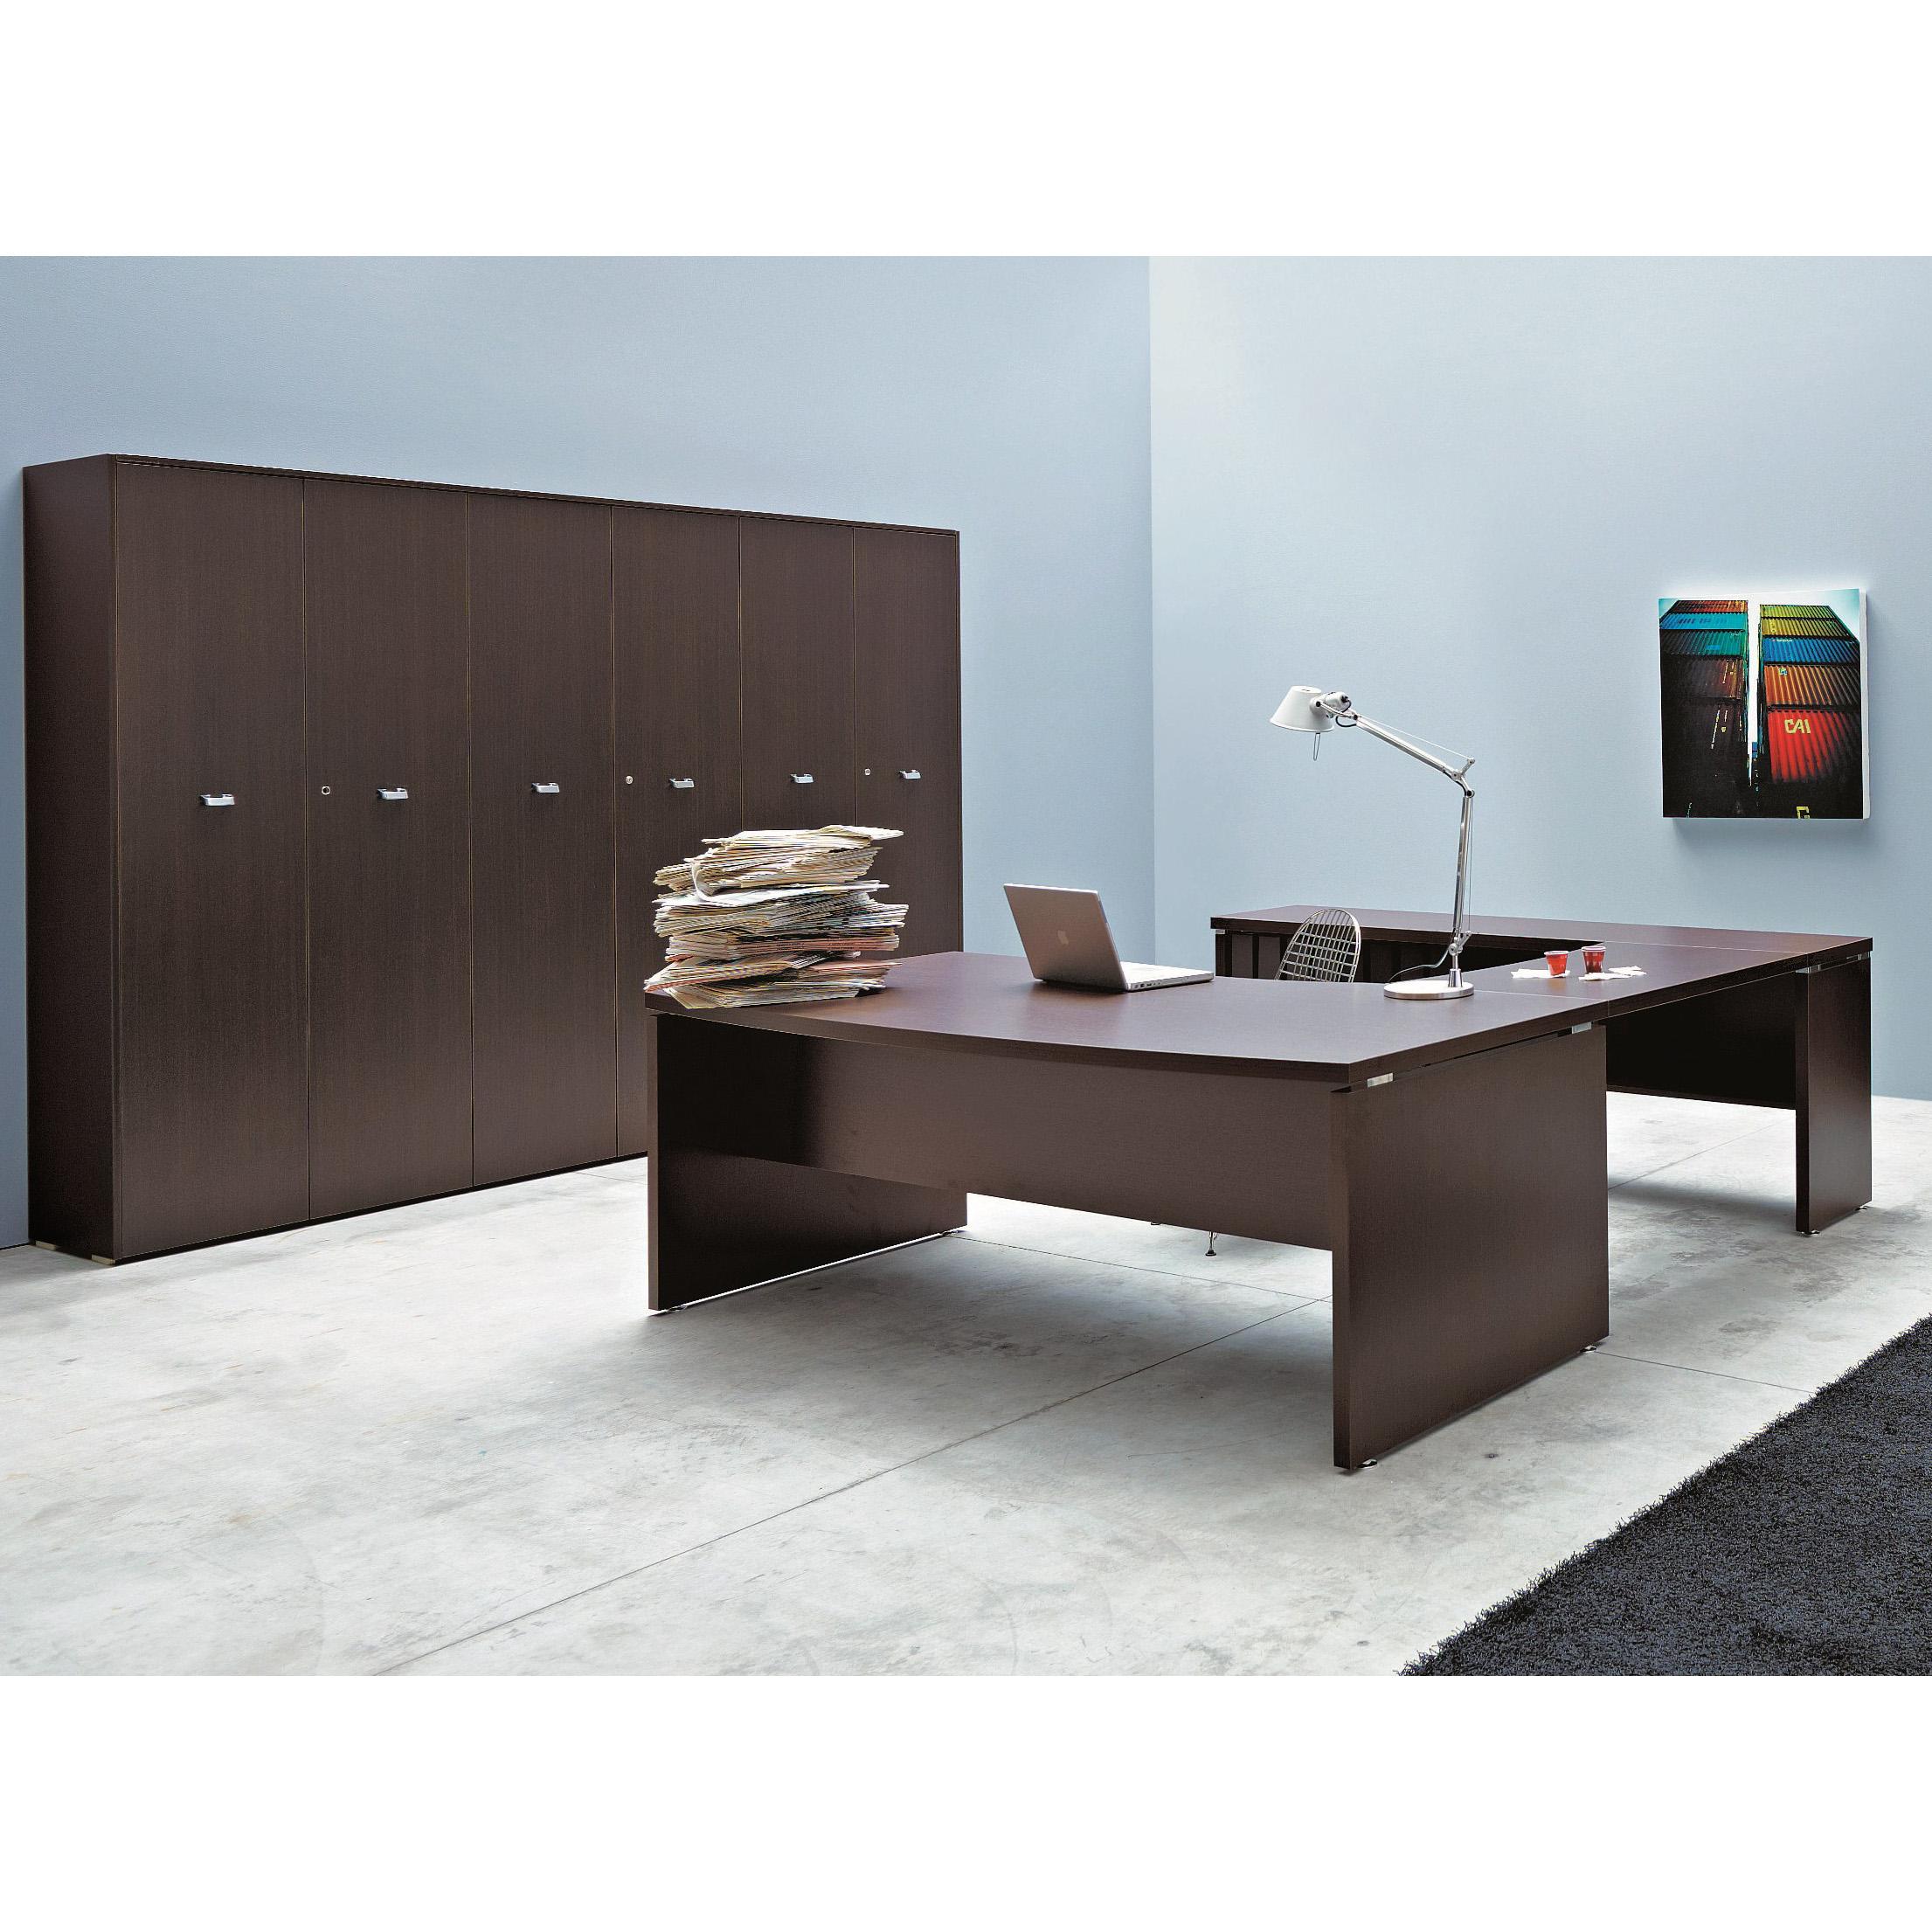 Grupo meta soluciones de limpieza muebles y oficina for Muebles de oficina nuevos